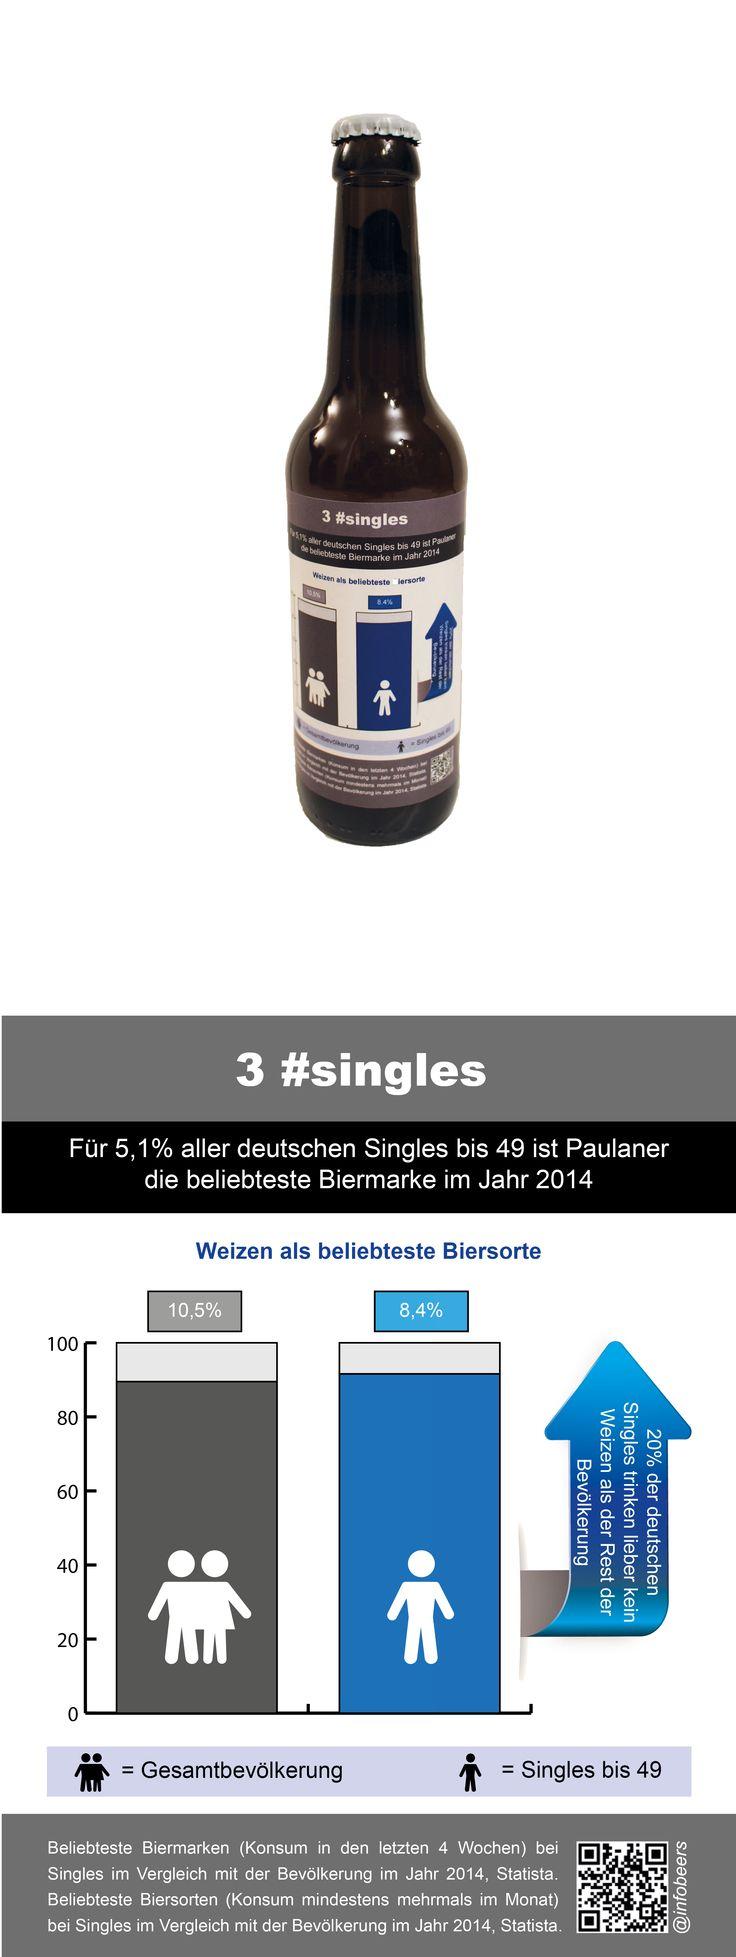 @infobeers, #weizen, #biersorten, #singles, #paulaner, #bier